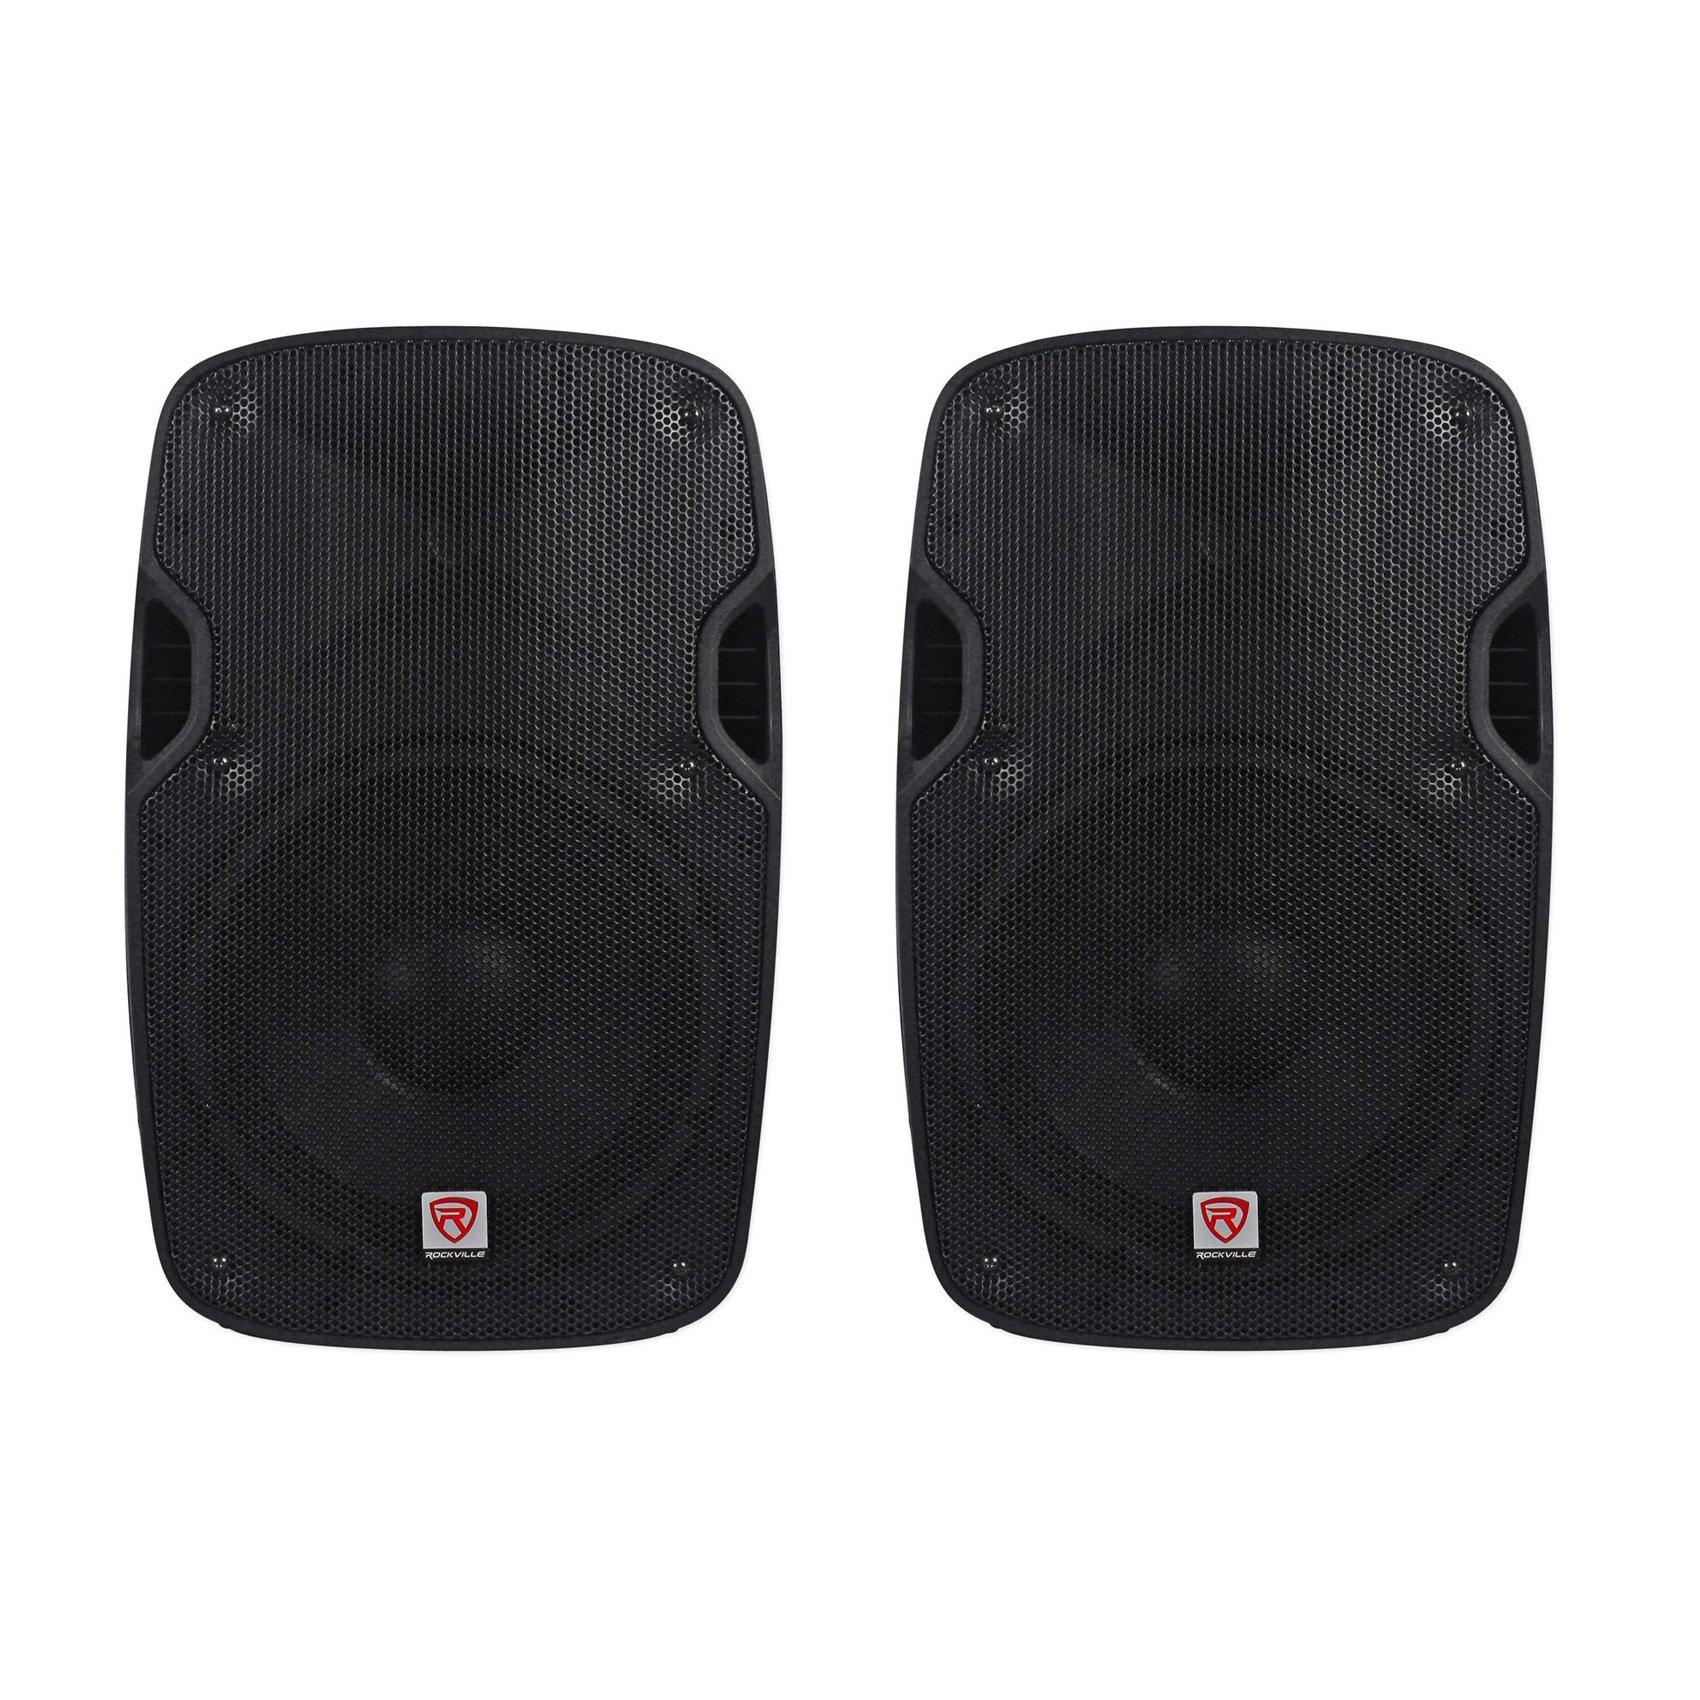 (2) Rockville SPGN154 15'' Passive 1600W DJ PA Speakers Lightweight Cabinet 4 Ohm by Rockville